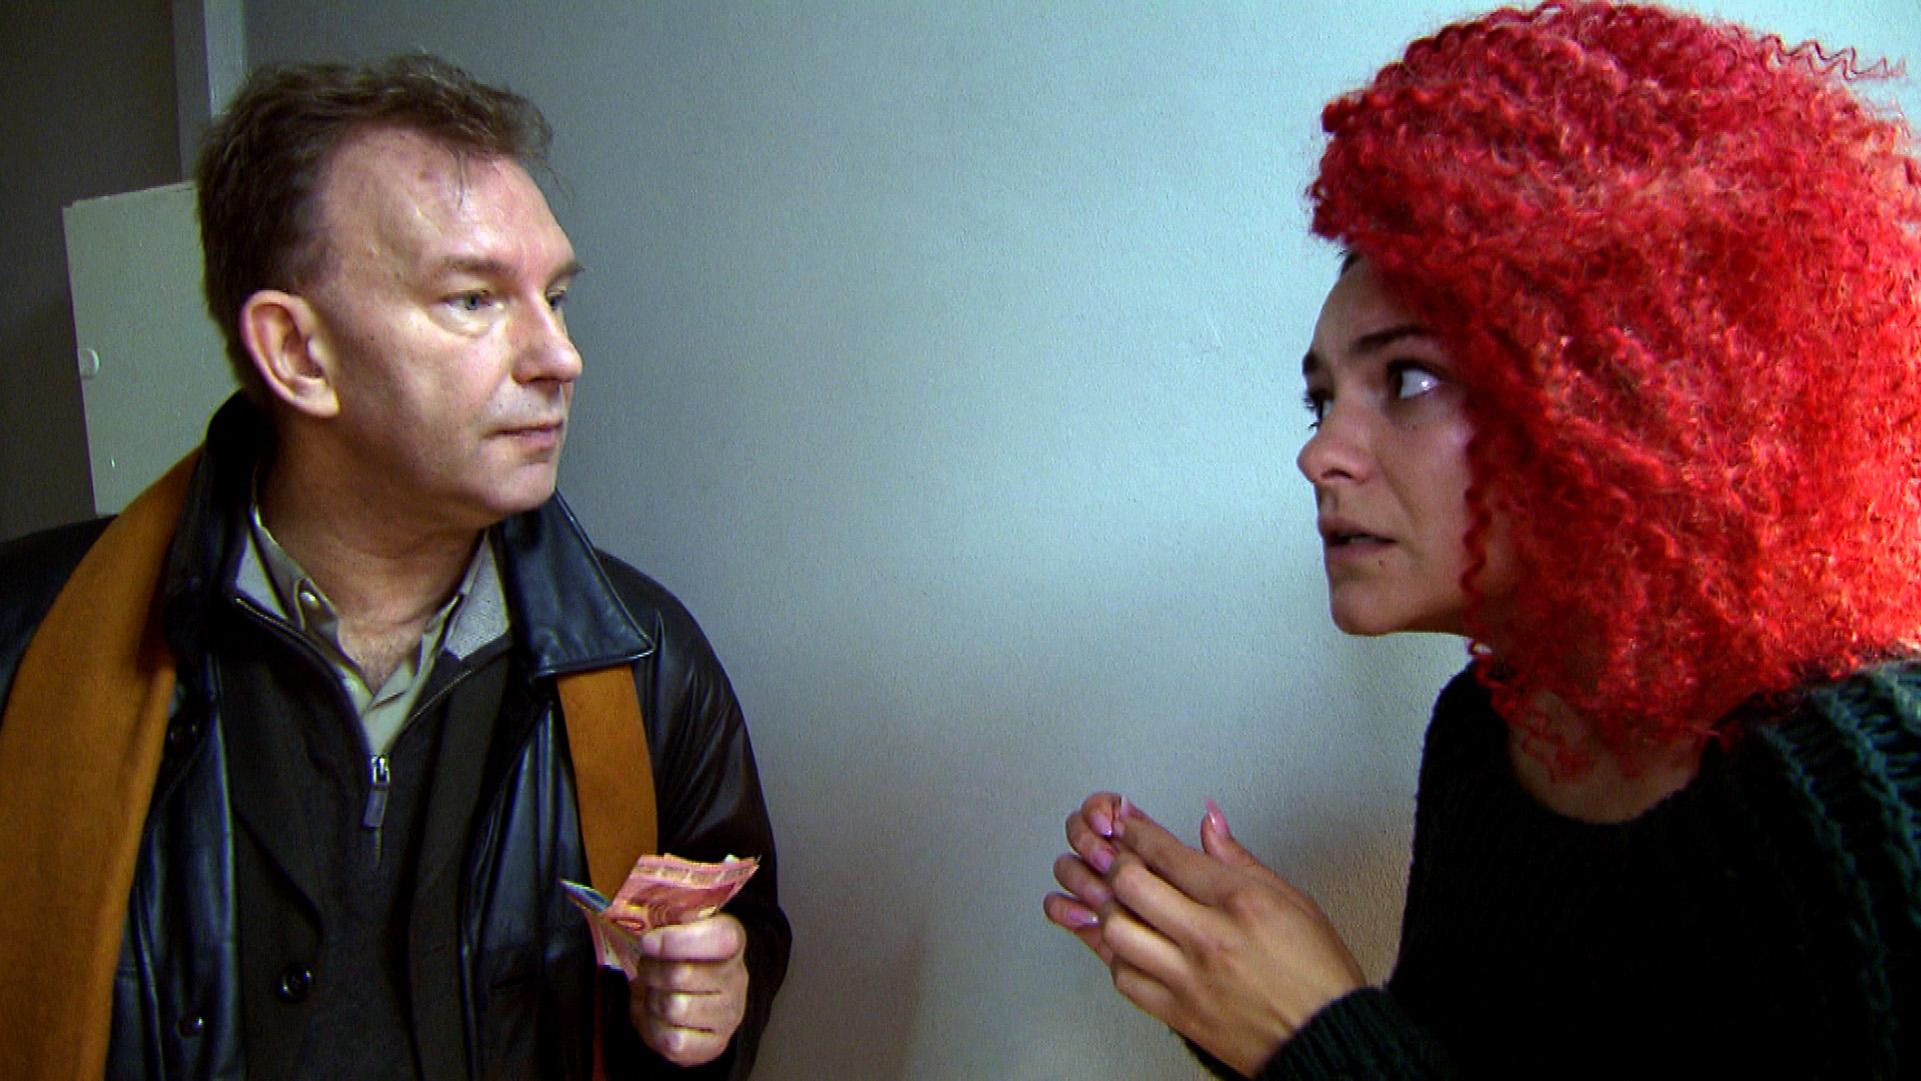 Jessica gerät unter Druck, als erneut der Gerichtsvollzieher auf der Matte steht und ihre Rate einfordert... (Quelle: RTL 2)